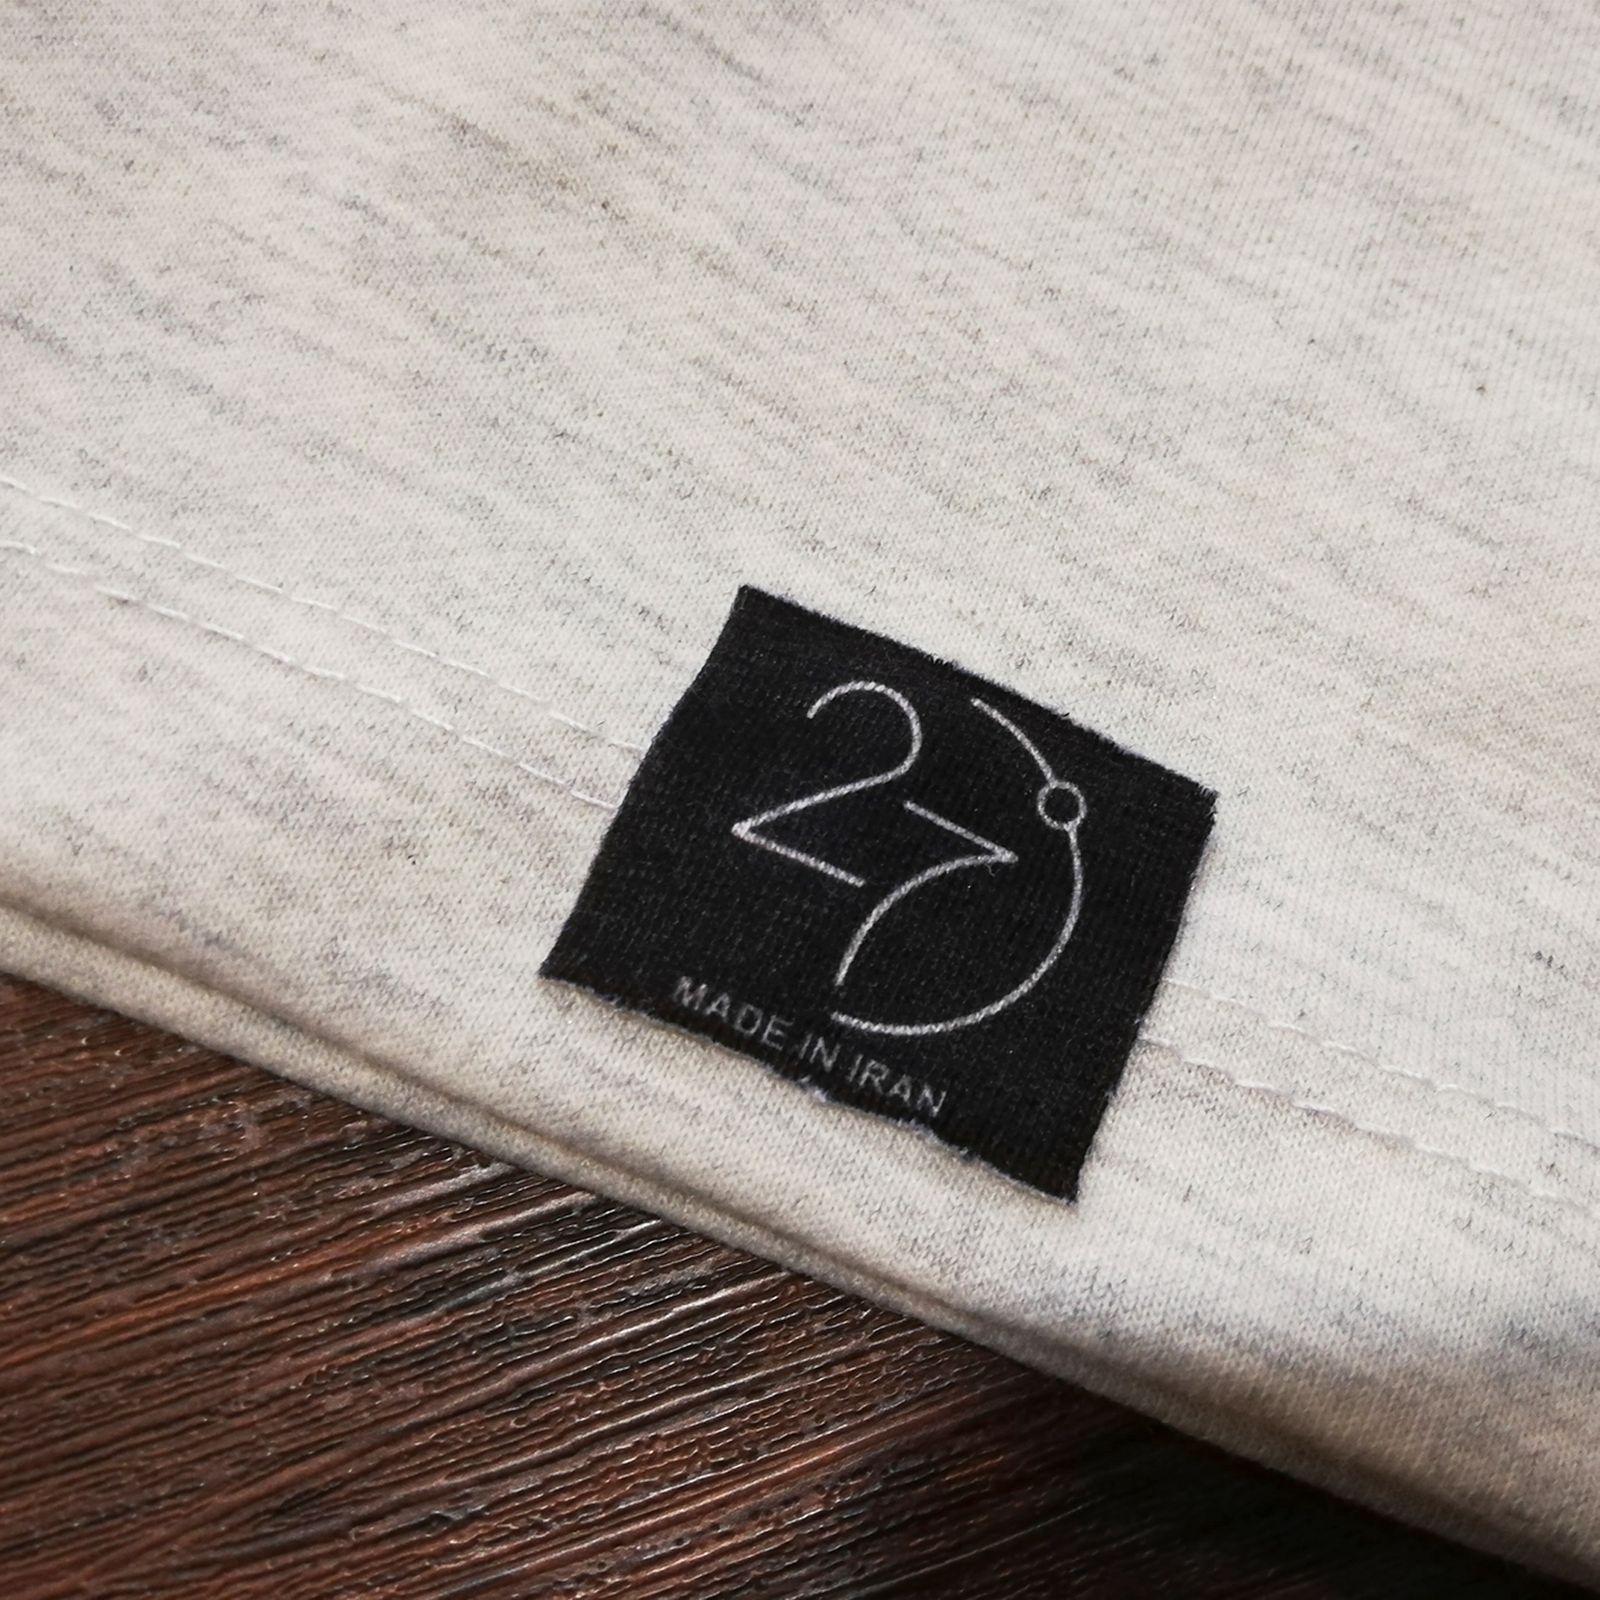 تیشرت زنانه 27 طرح چشم و نظر کد J07 -  - 4